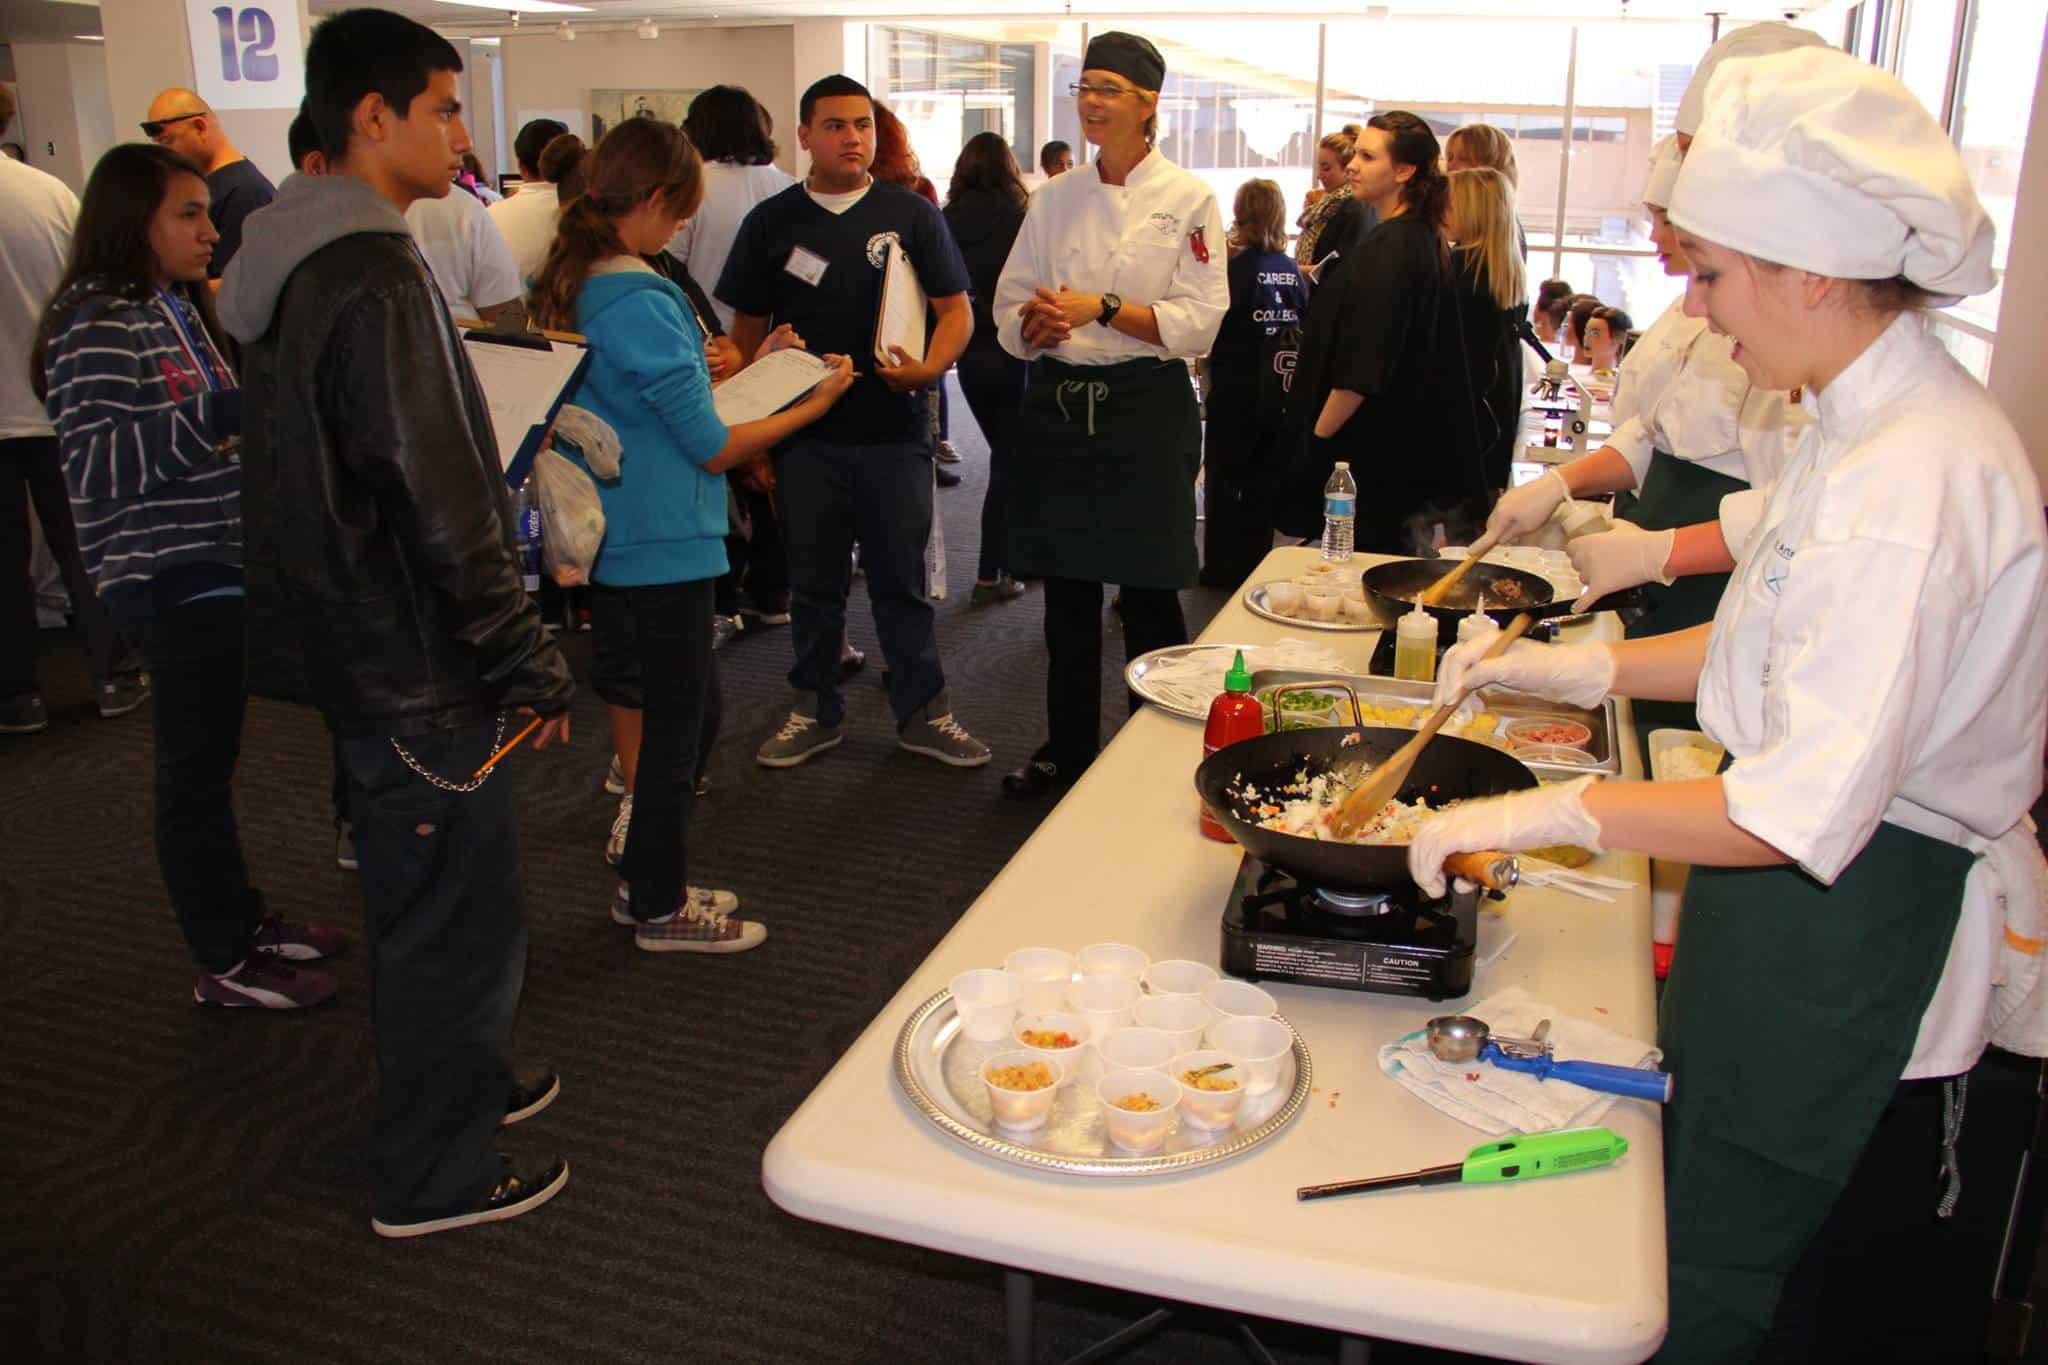 Chef's School - College & Career Fair 2013